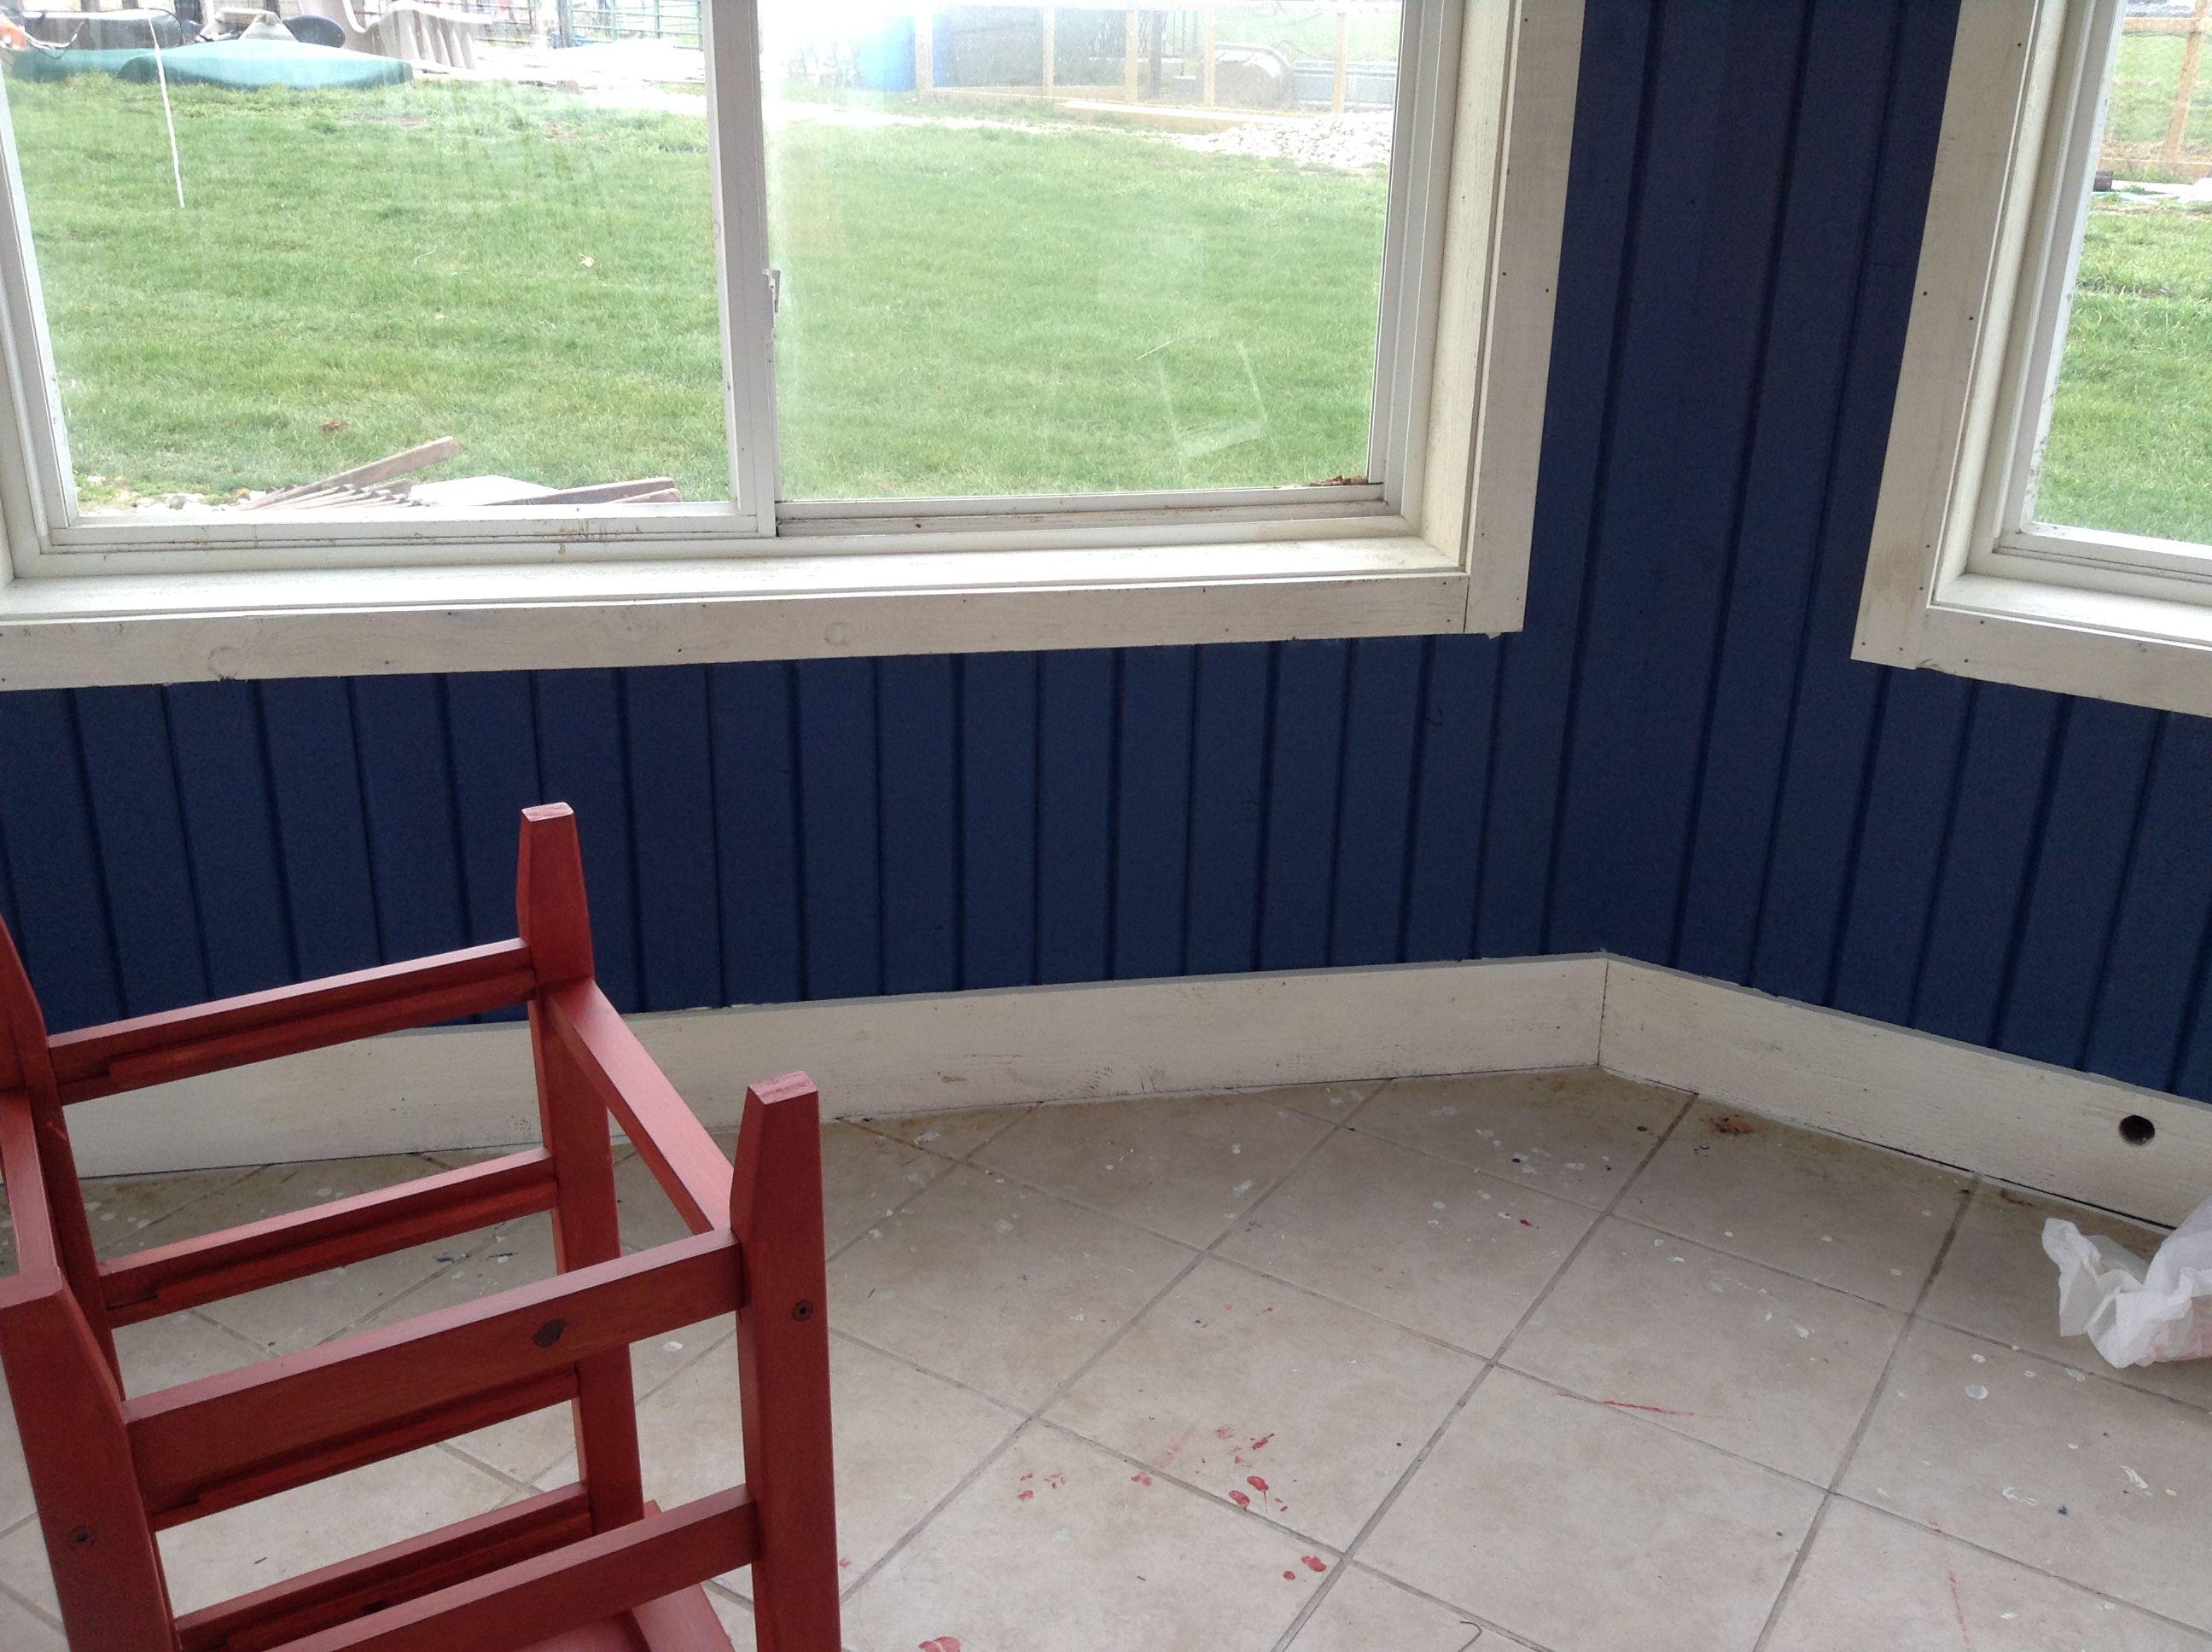 3 season porch window ideas  pin by elk korte on my house  pinterest